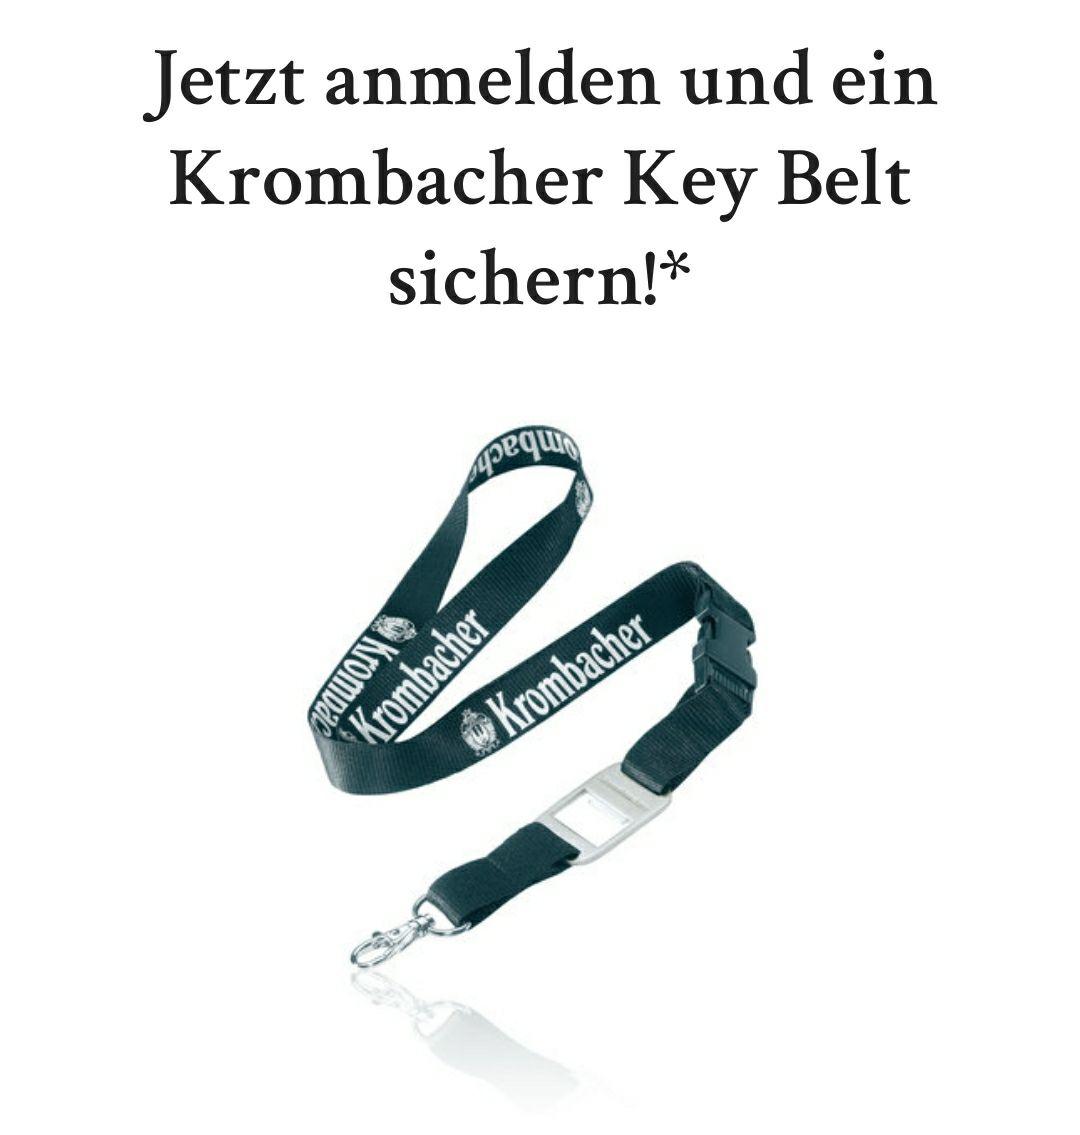 Krombacher Schlüsselband gratis für die kostenlose Anmeldung im Club